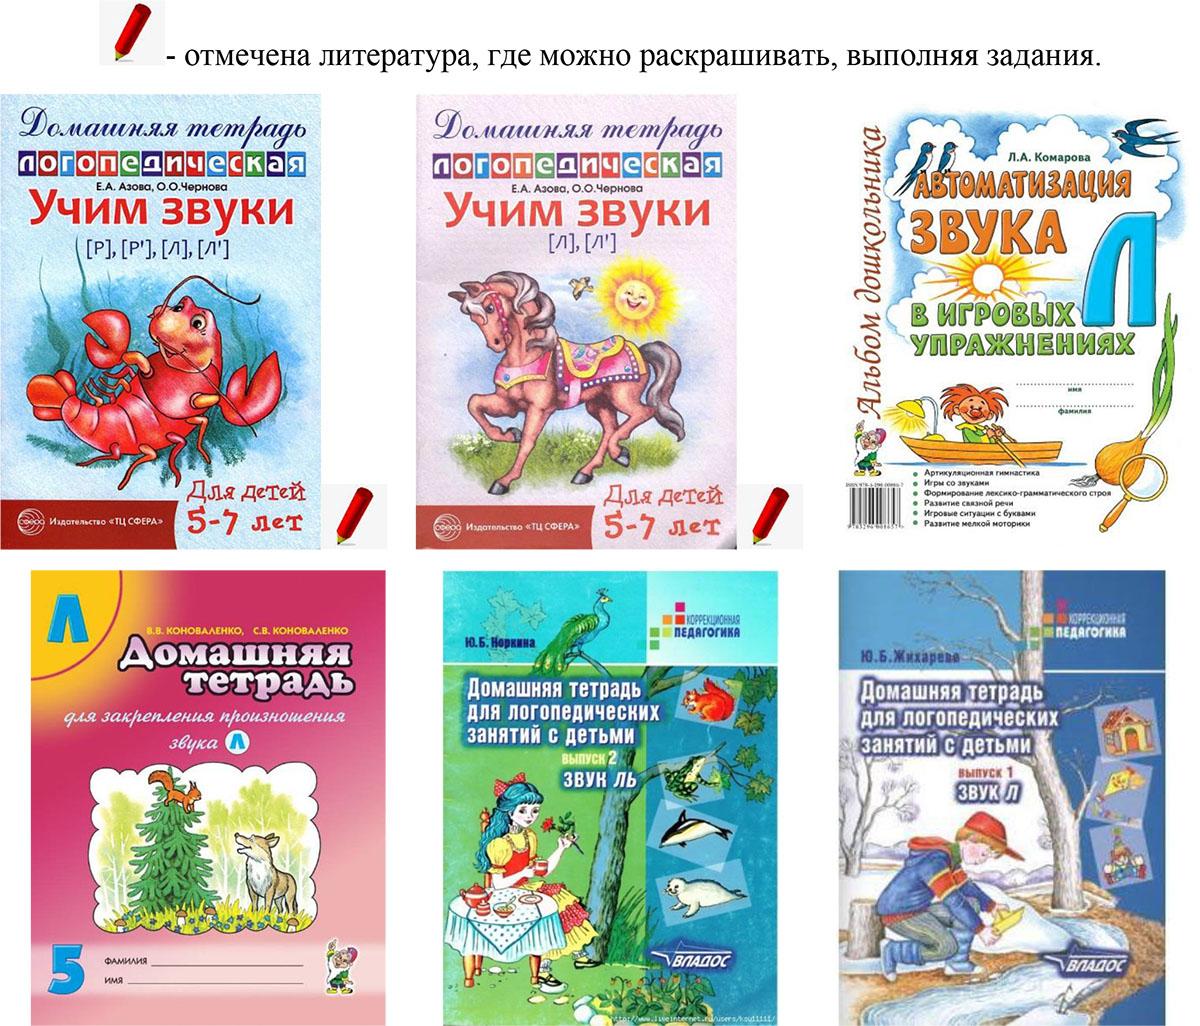 Косова Вопрос Литература